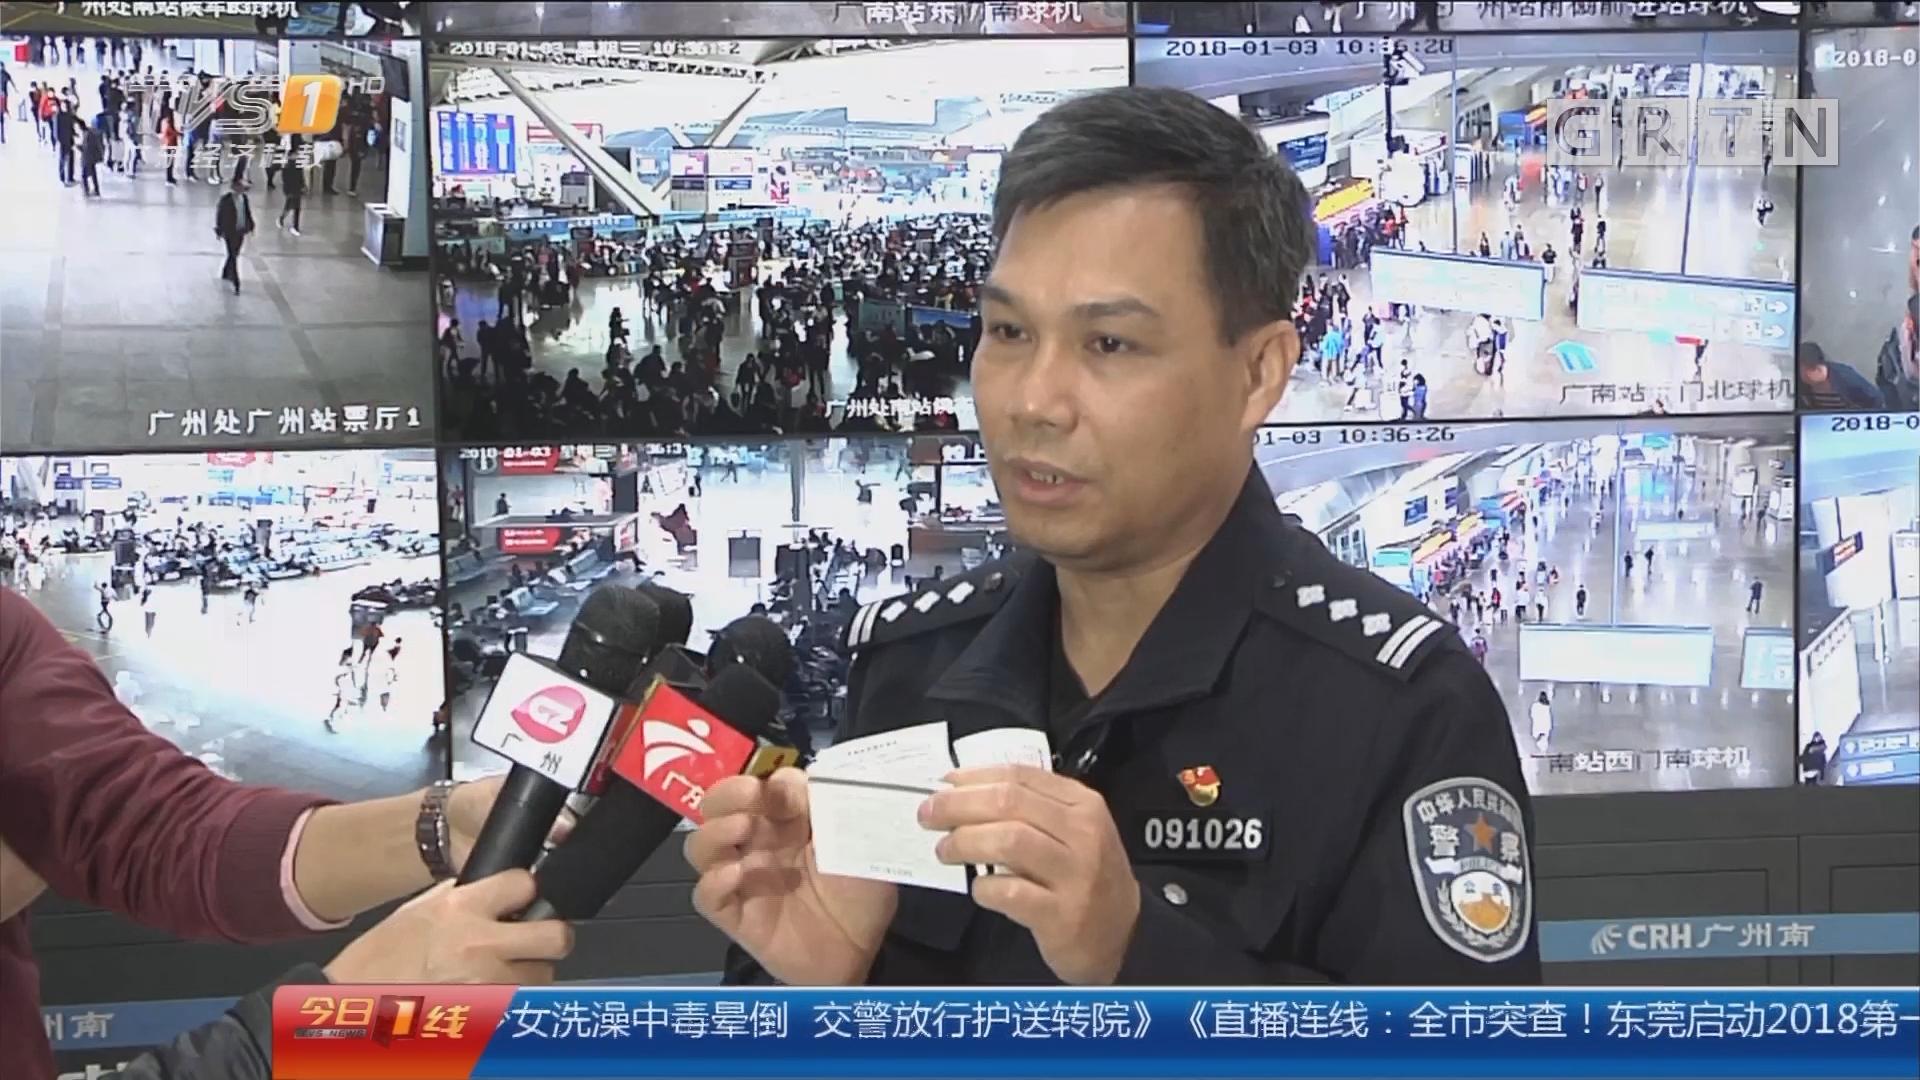 打击倒票:广铁警方打击倒票 为春运护航